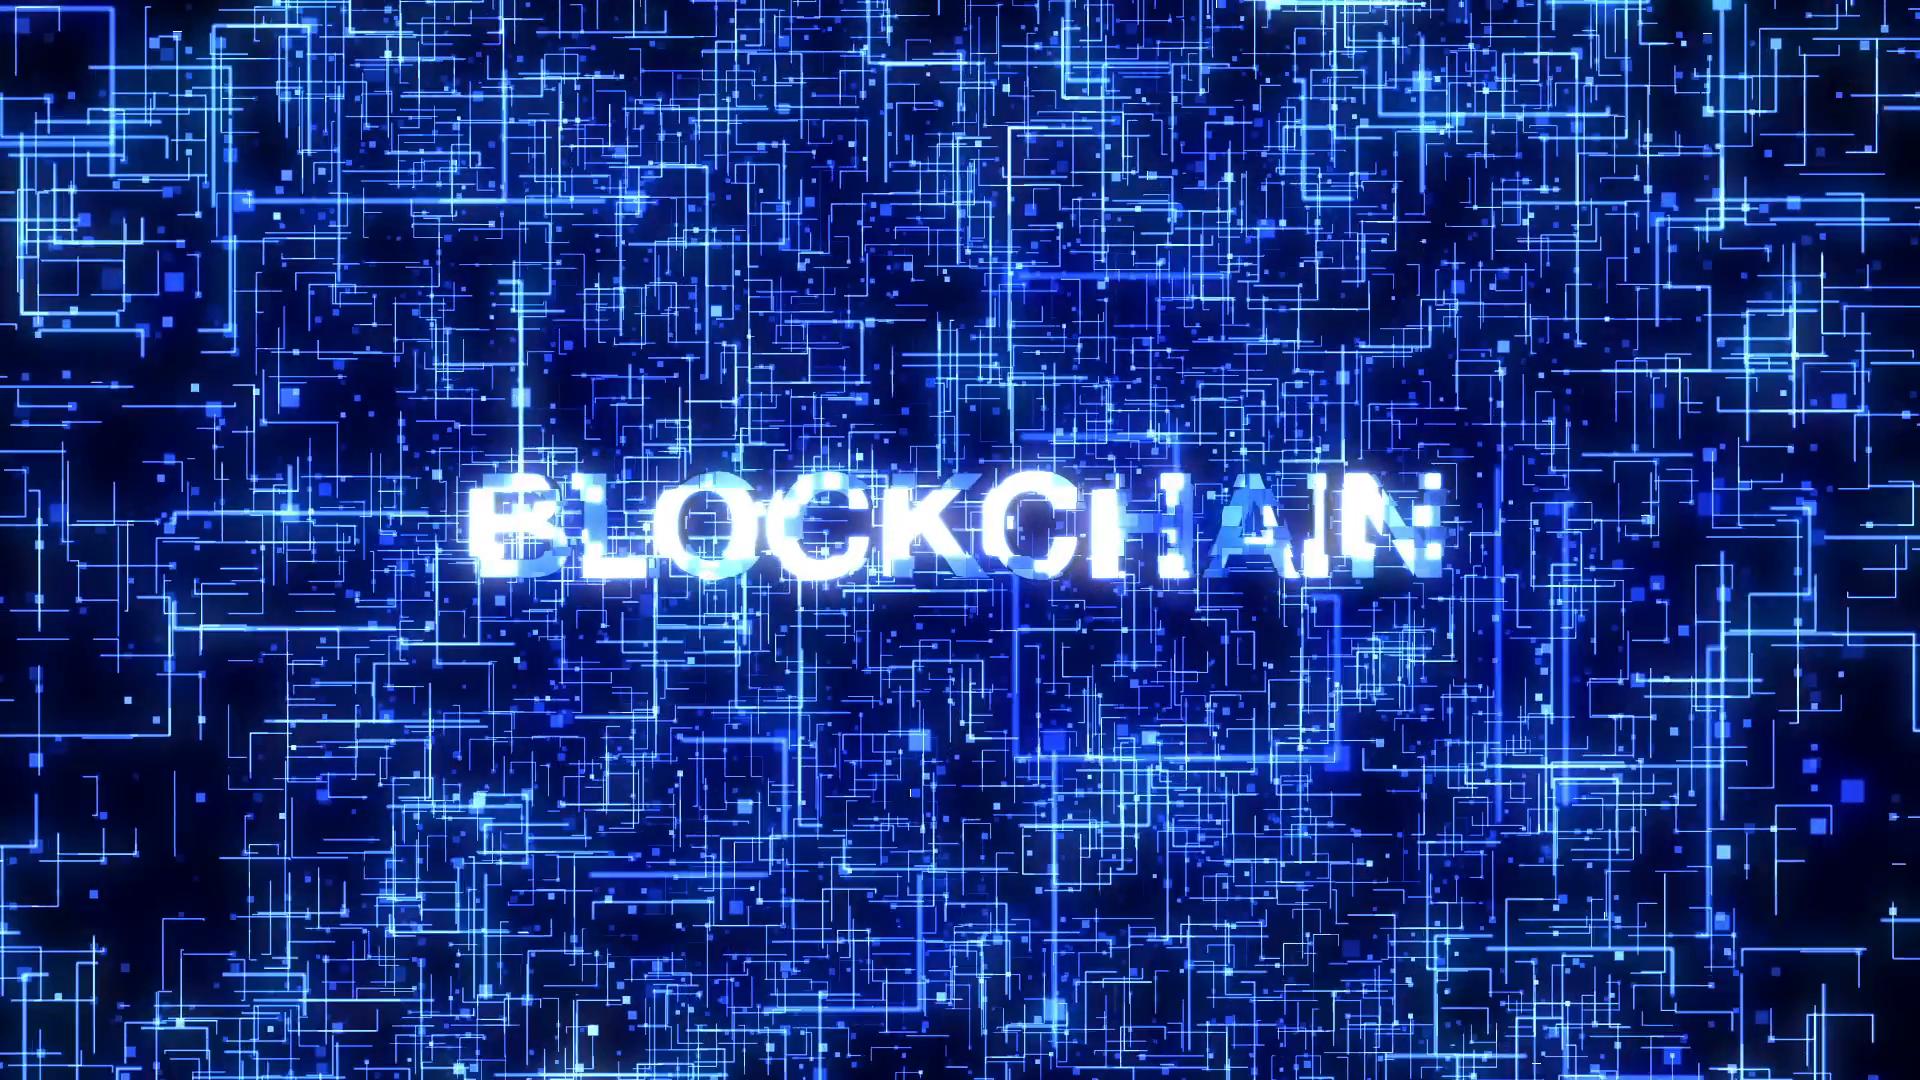 Idag är AIFM Capitals nya fond Go Blockchain Fund tillgänglig för handel hos både Avanza, Nordnet och SAVR. Fonden är Sveriges första värdepappersfond med särskilt fokus på utveckling av blockchain-teknik. Fondens första handelsdag är i dag den 3 maj 2021.